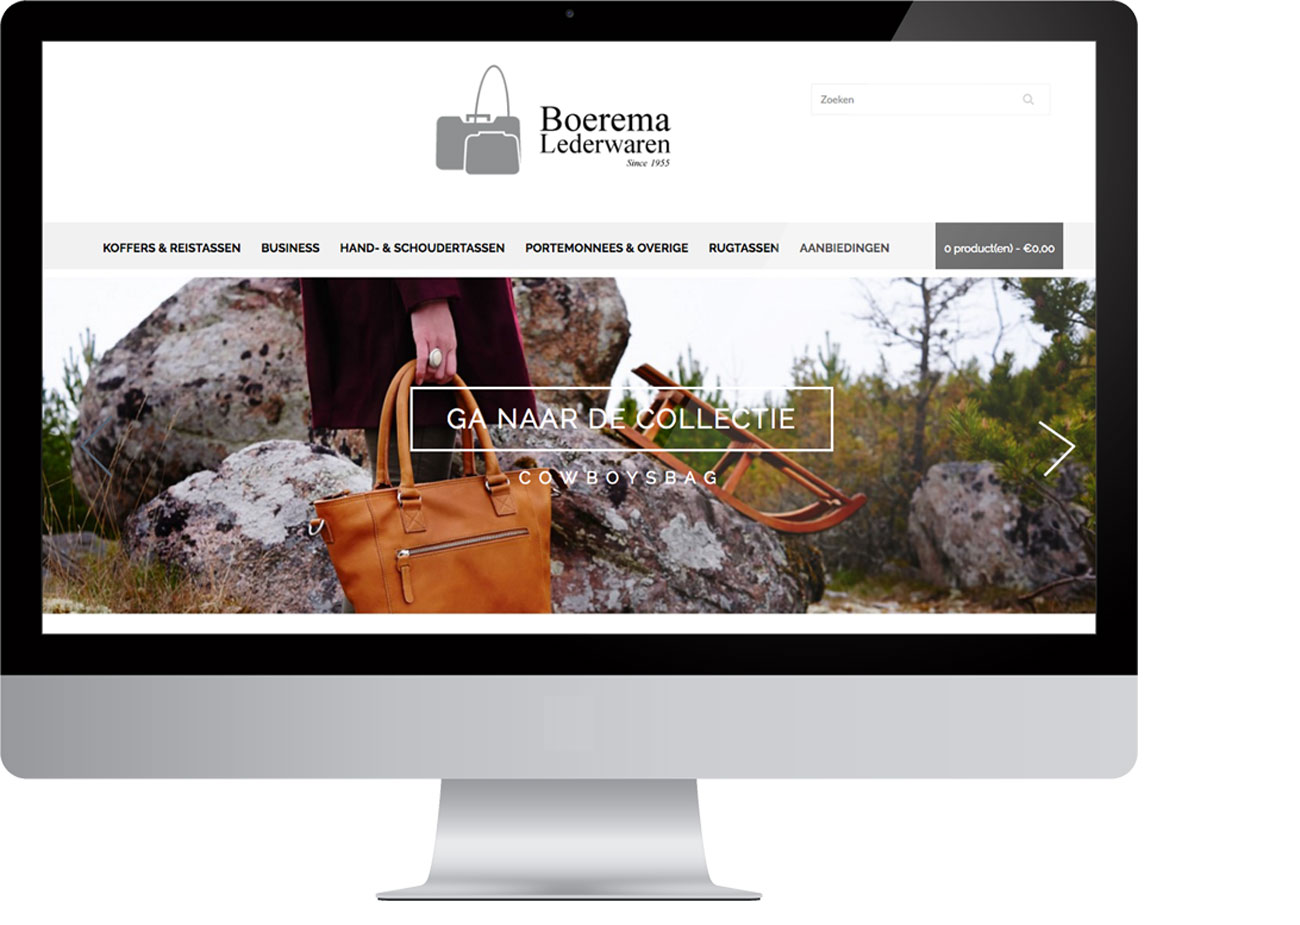 Boerema Lederwaren – Webwinkel by Bottle Post Media